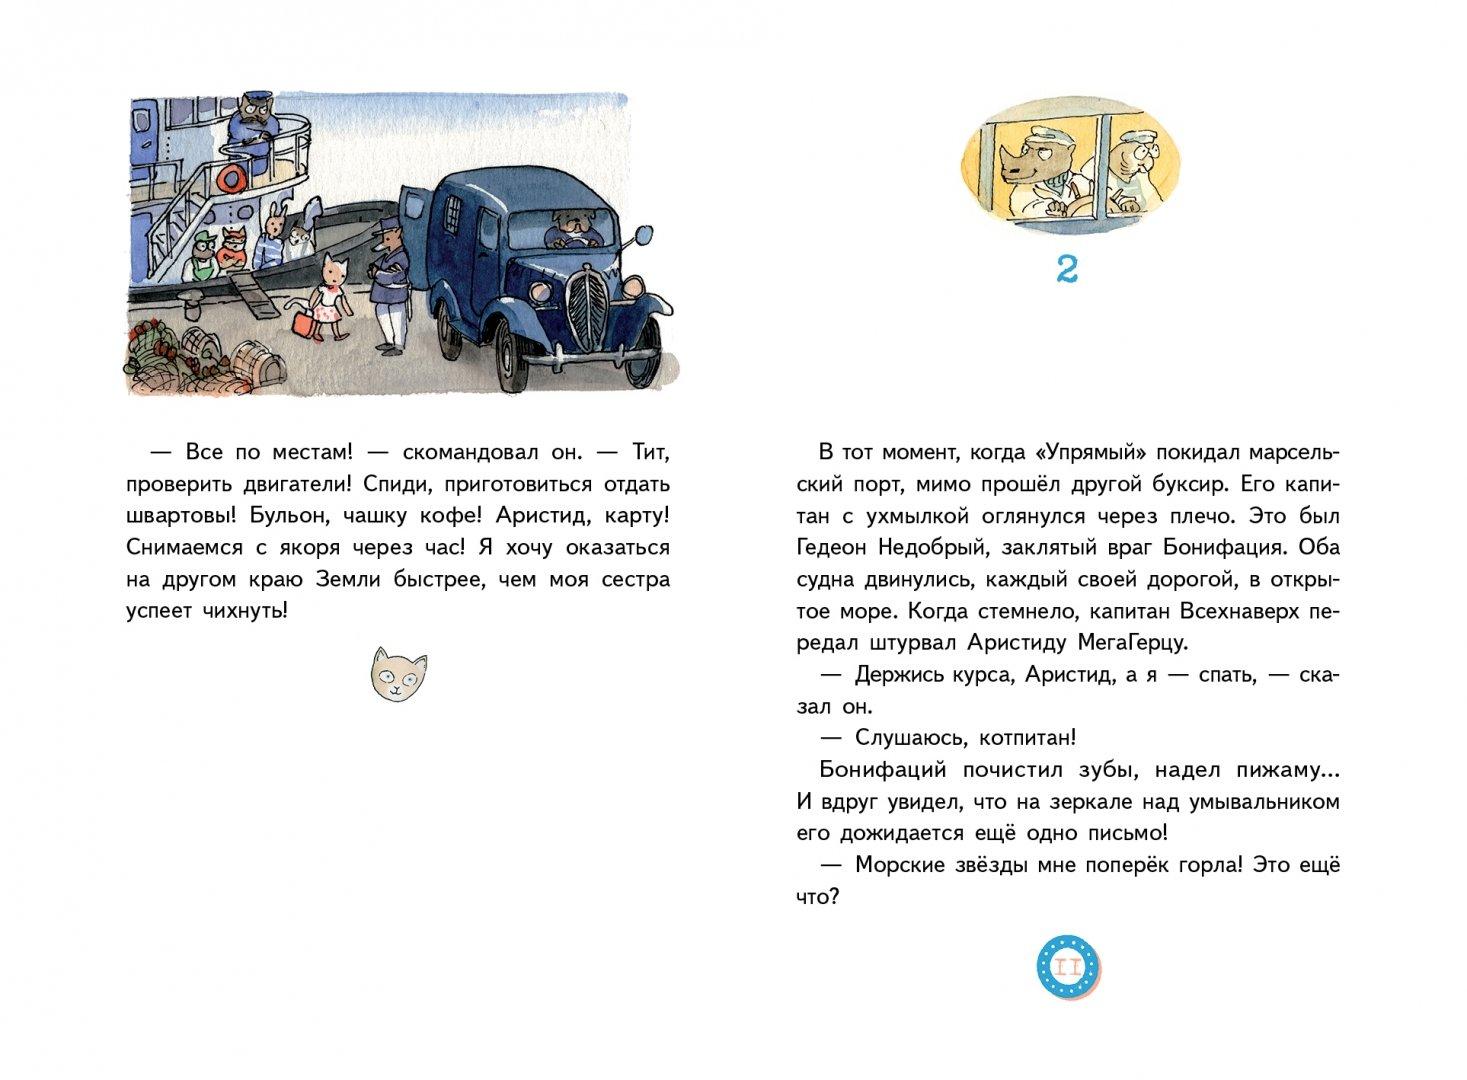 Иллюстрация 5 из 43 для Лу Всехнаверх. Книга I. Безбилетный пассажир - Франсуа Плас | Лабиринт - книги. Источник: Лабиринт